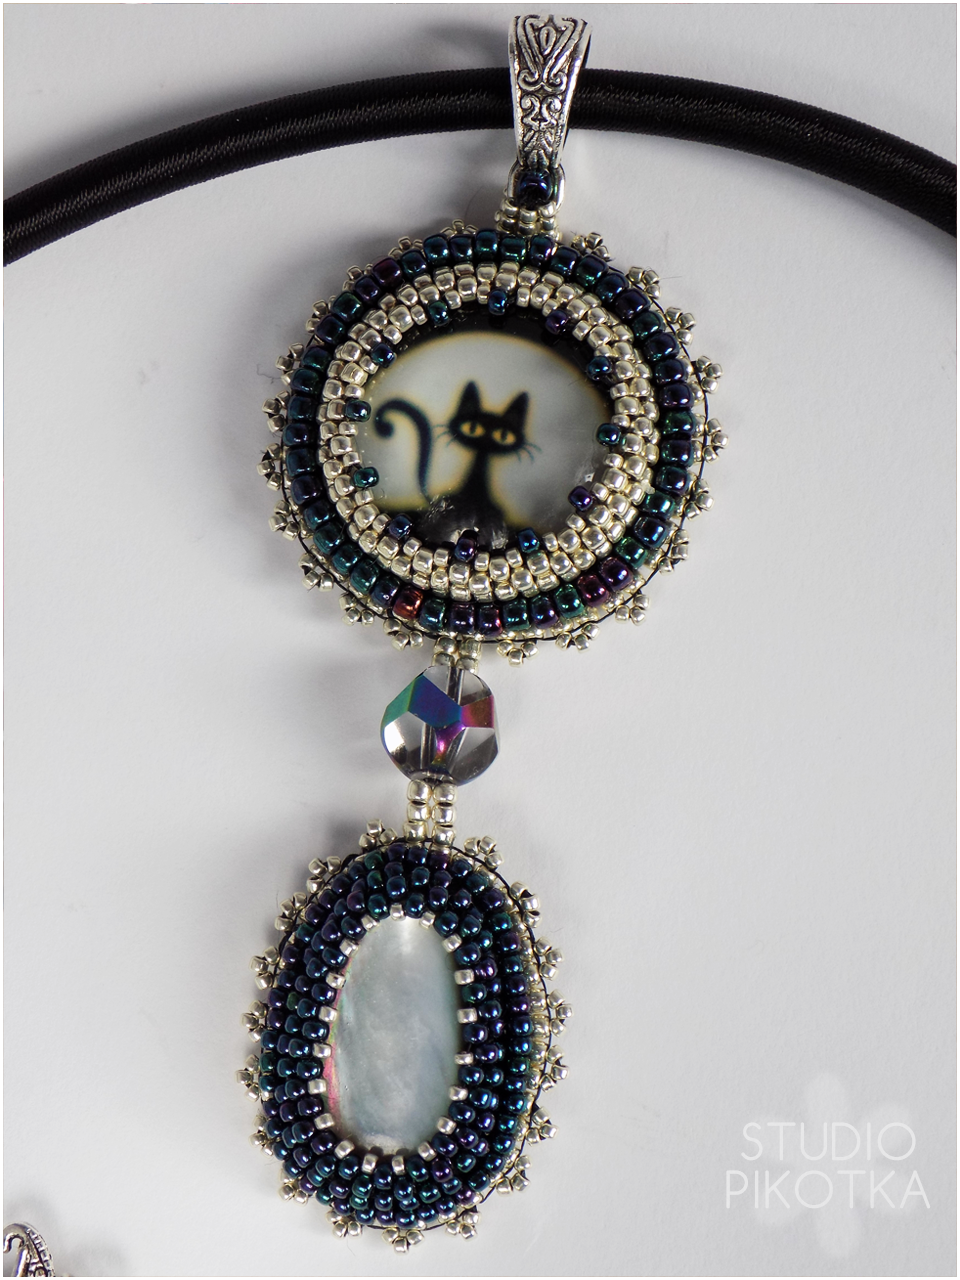 wisior, kaboszon, haft koralikowy, biżuteria, handmade, rękodzieło, koraliki toho, masa perłowa, jewellery